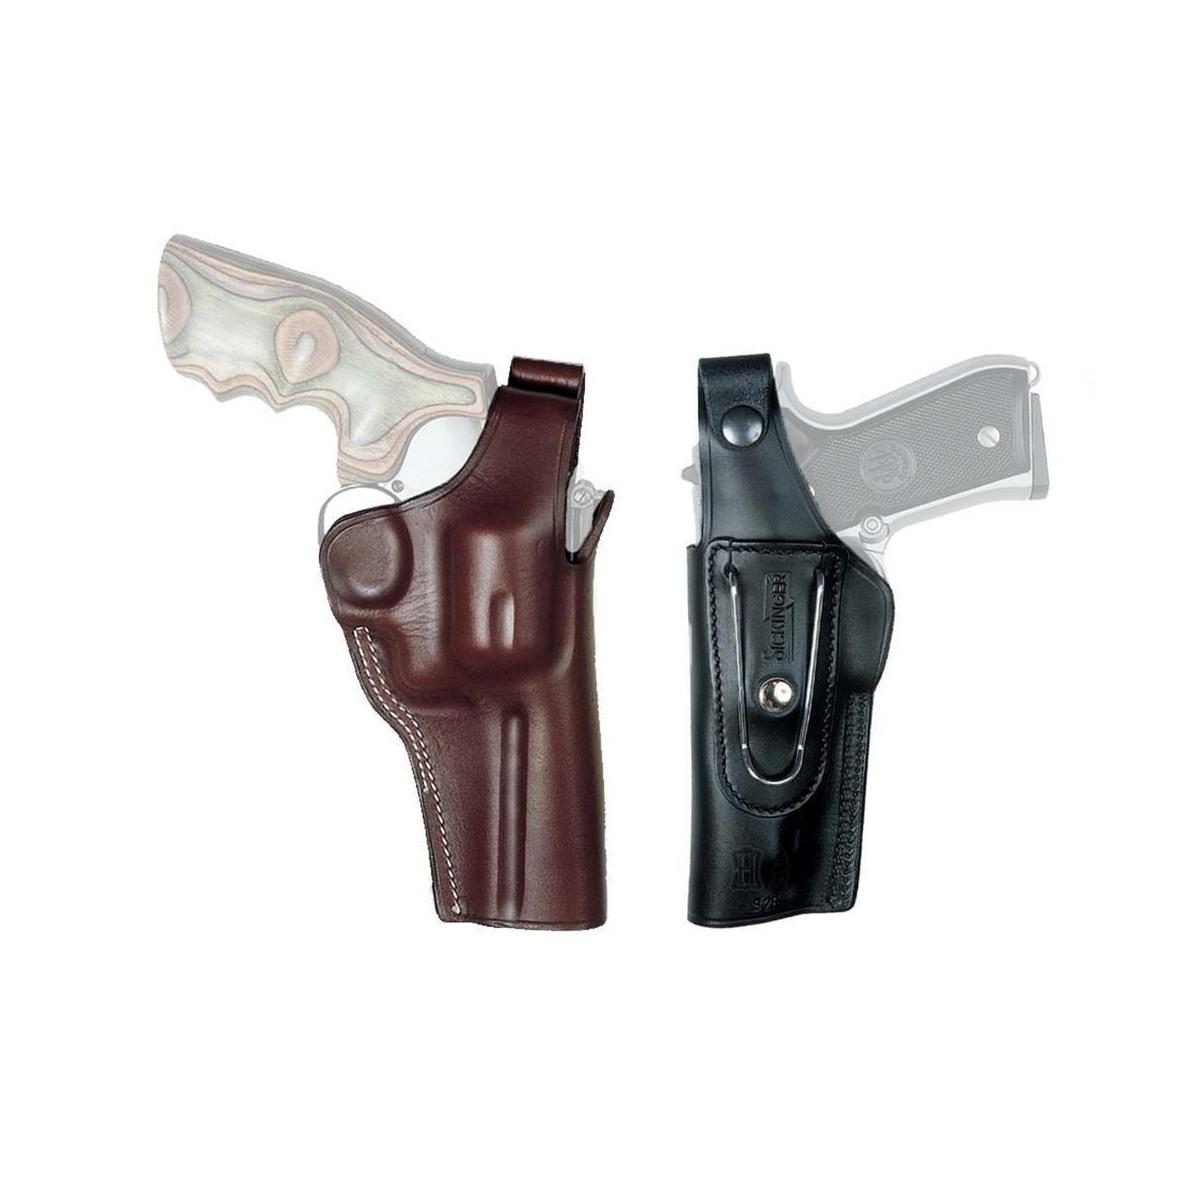 THE ULTIMATE OWB NYLON GUN HOLSTER GLOCK 20,21